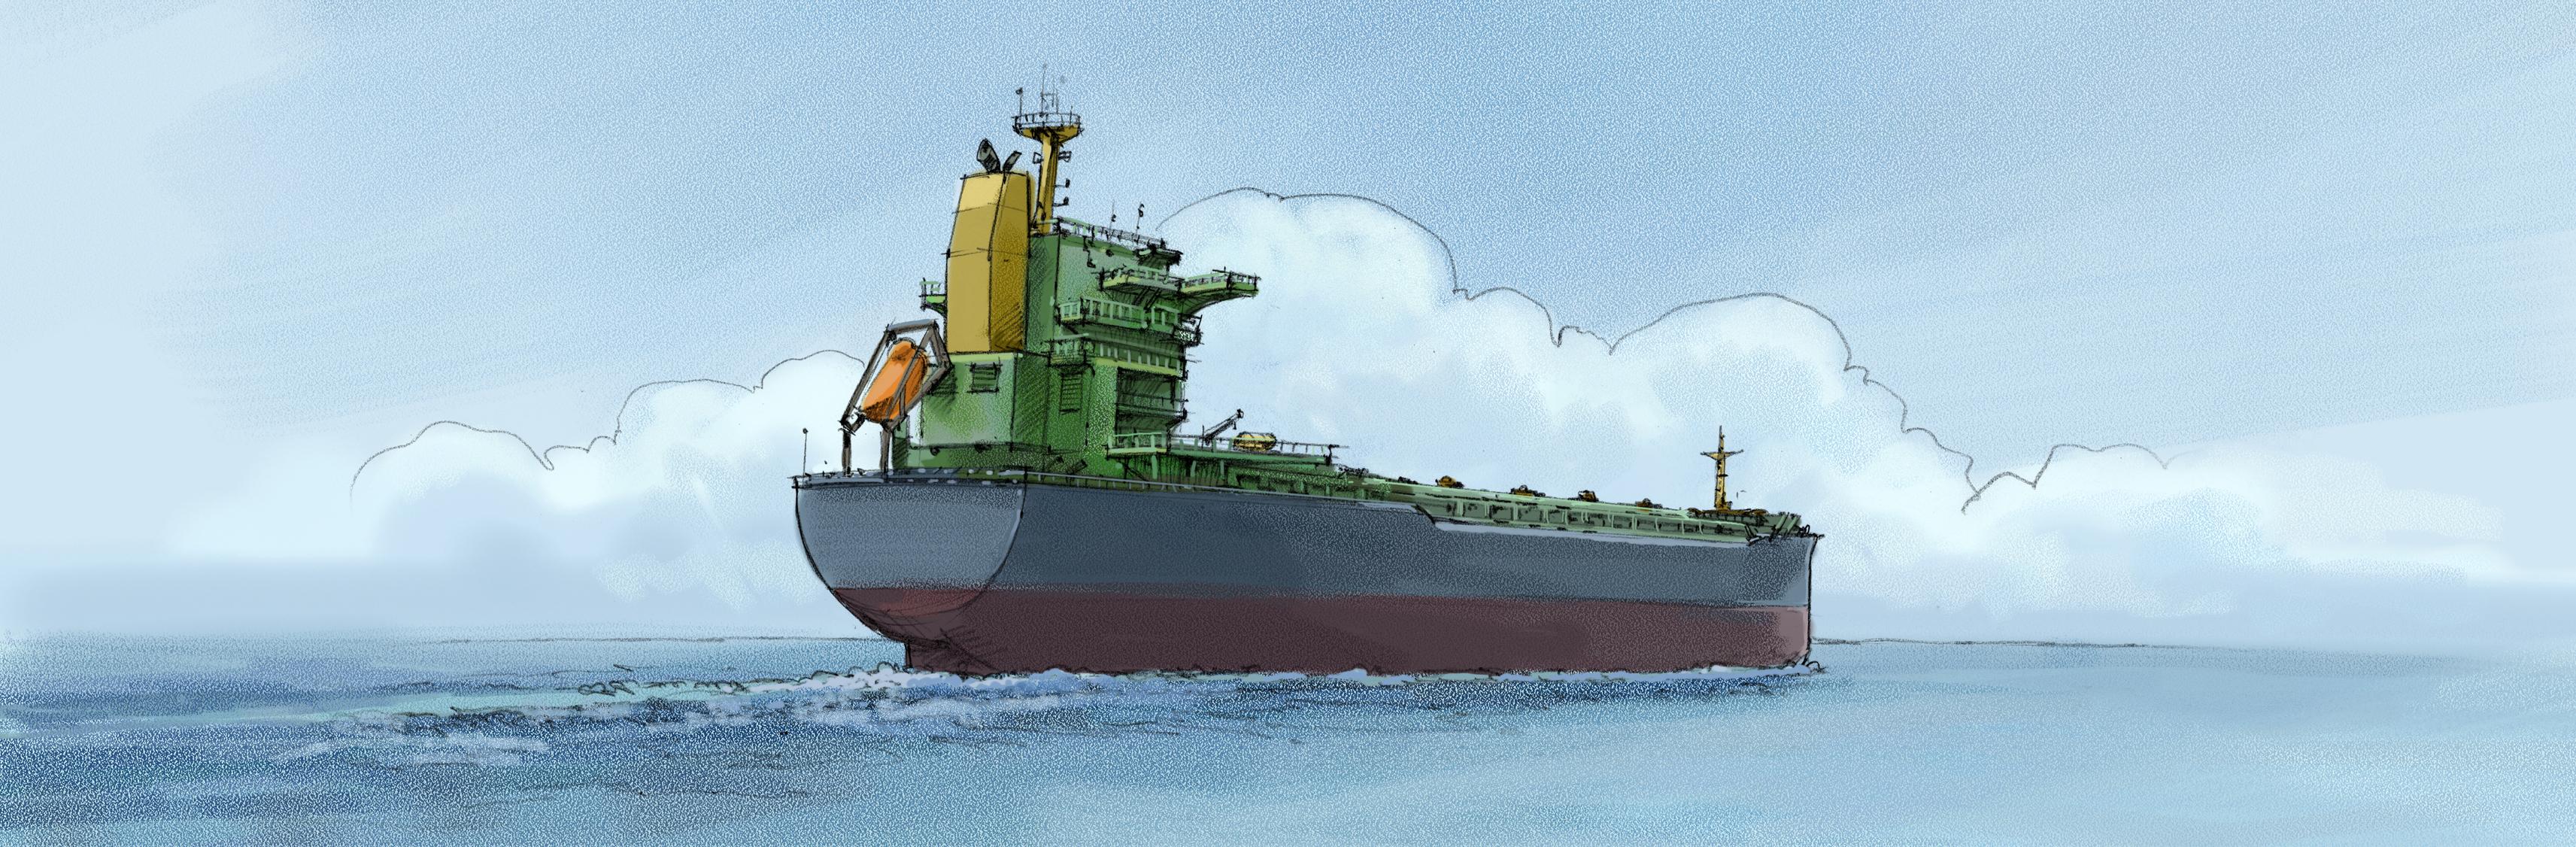 Sikkerhetsstyring ISM og vedlikeholdsystem, Bulk og stykkgods skip